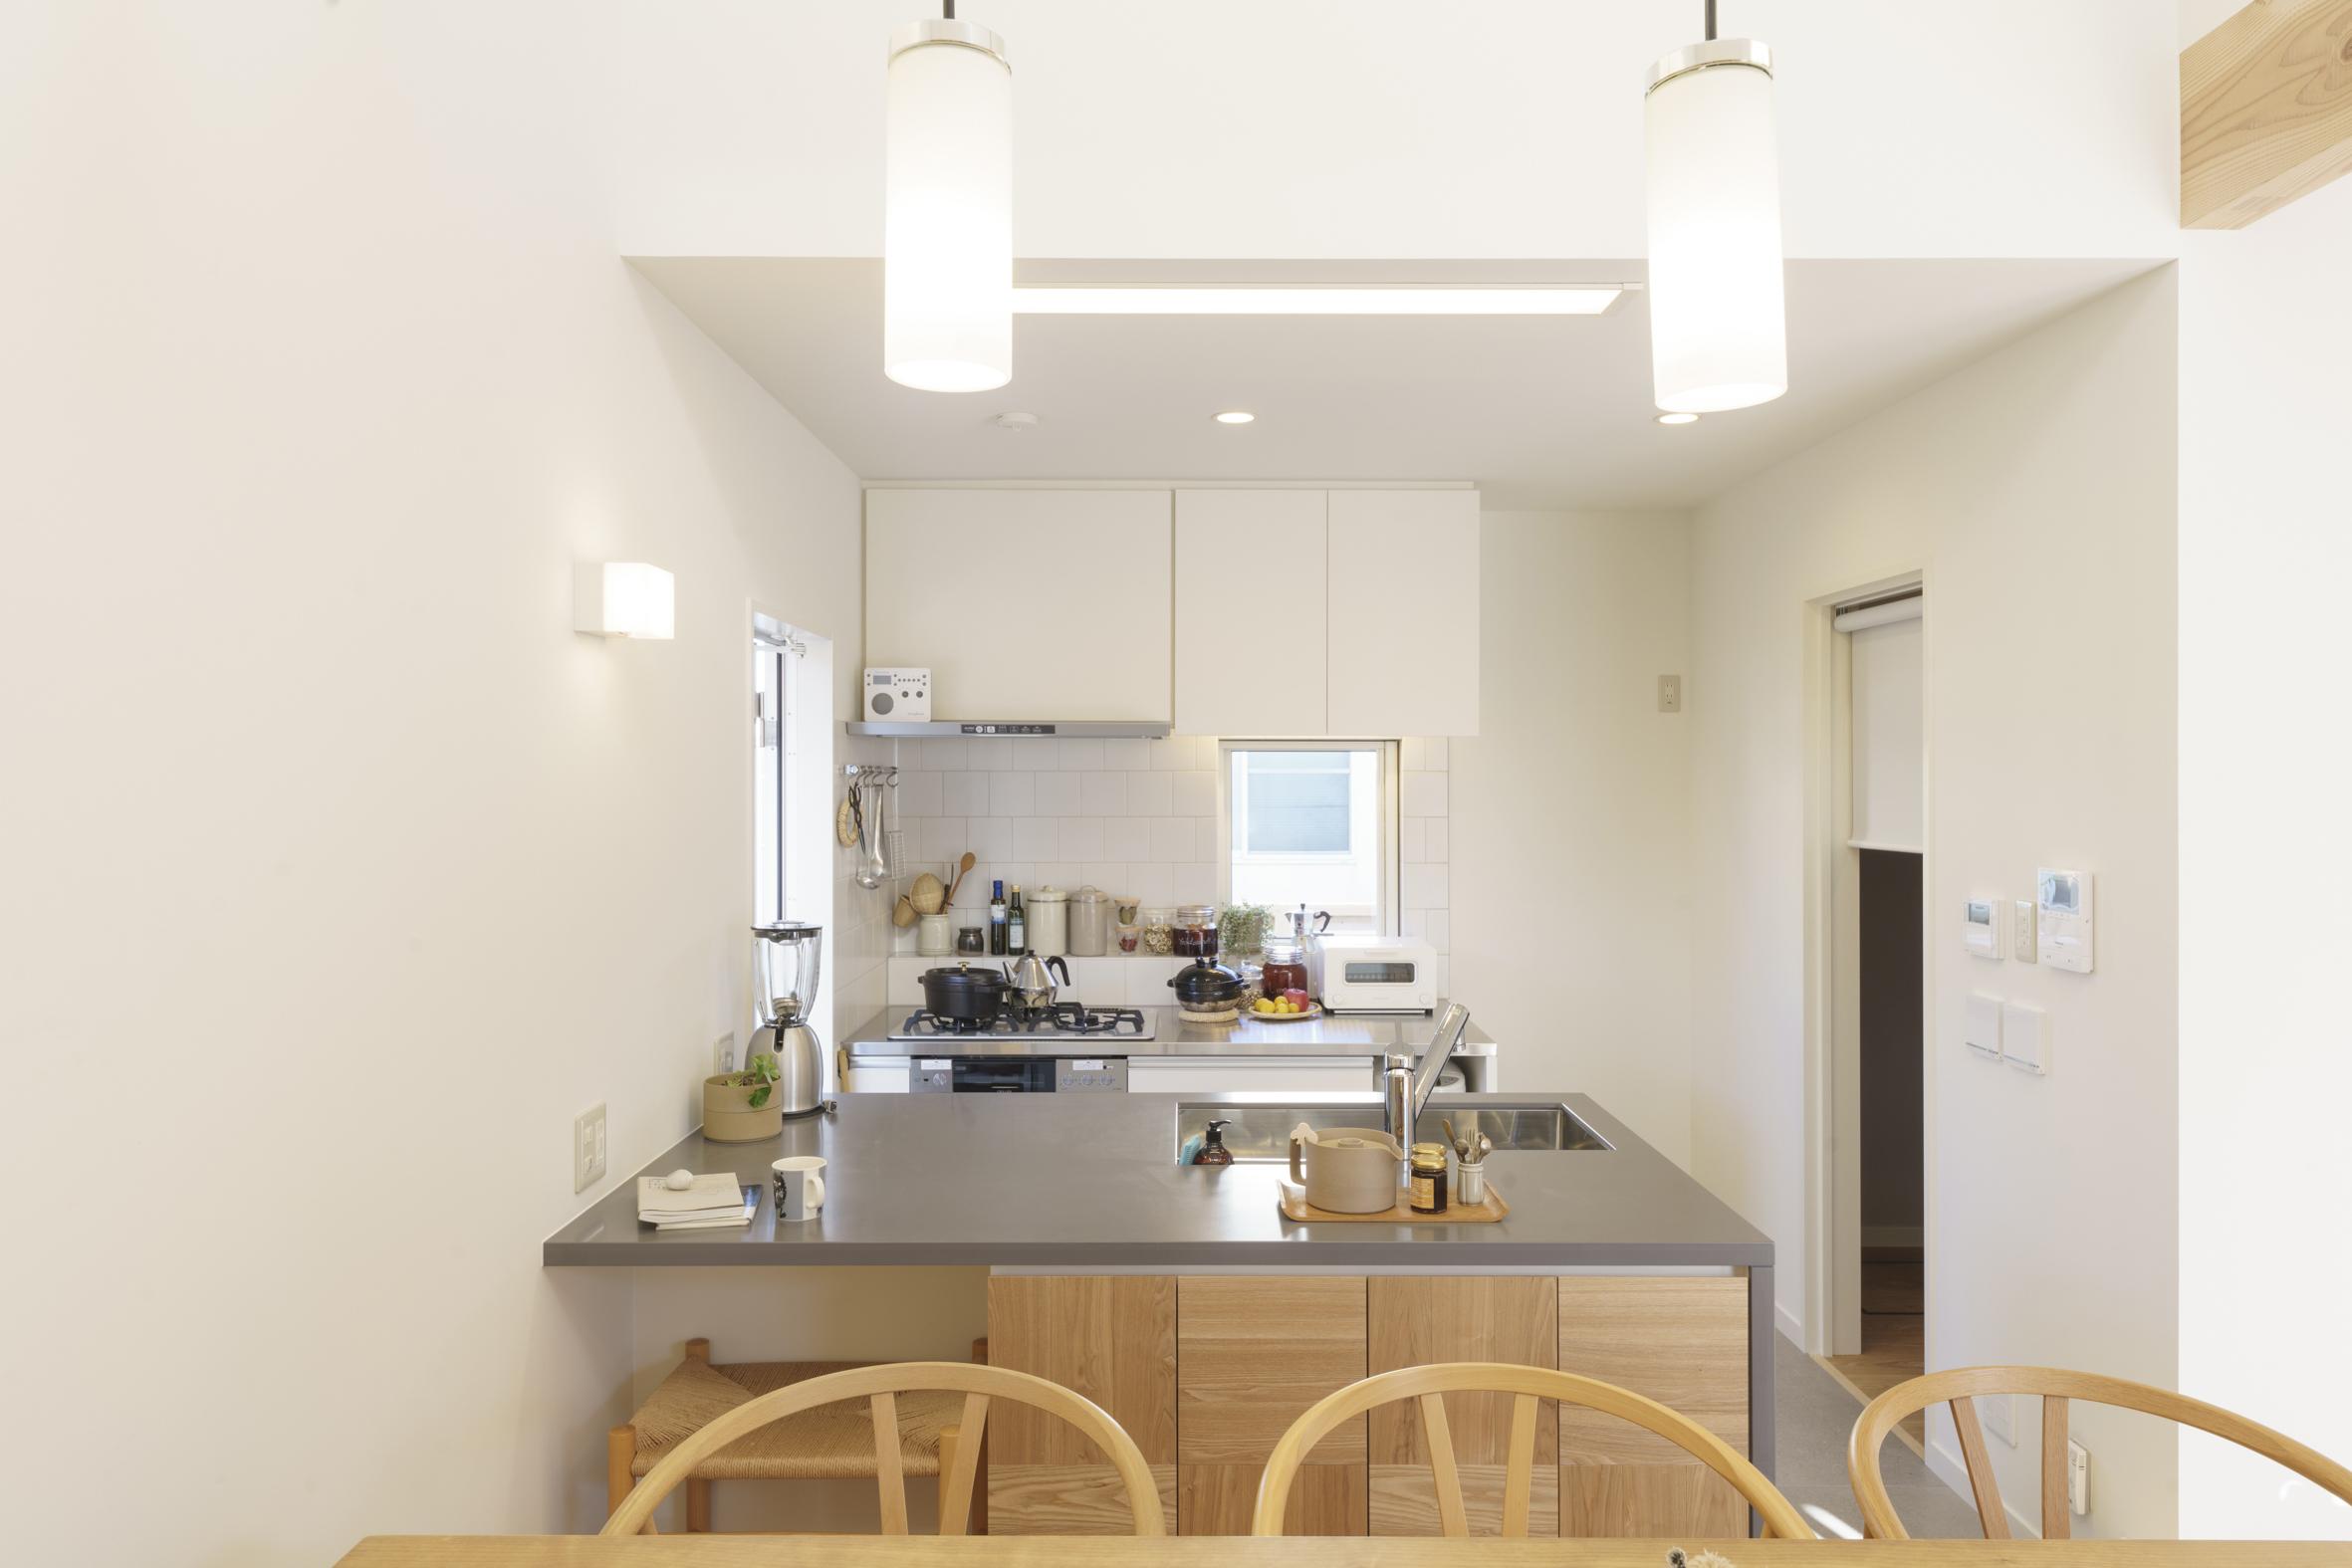 オーダーキッチン施工例追加しました。